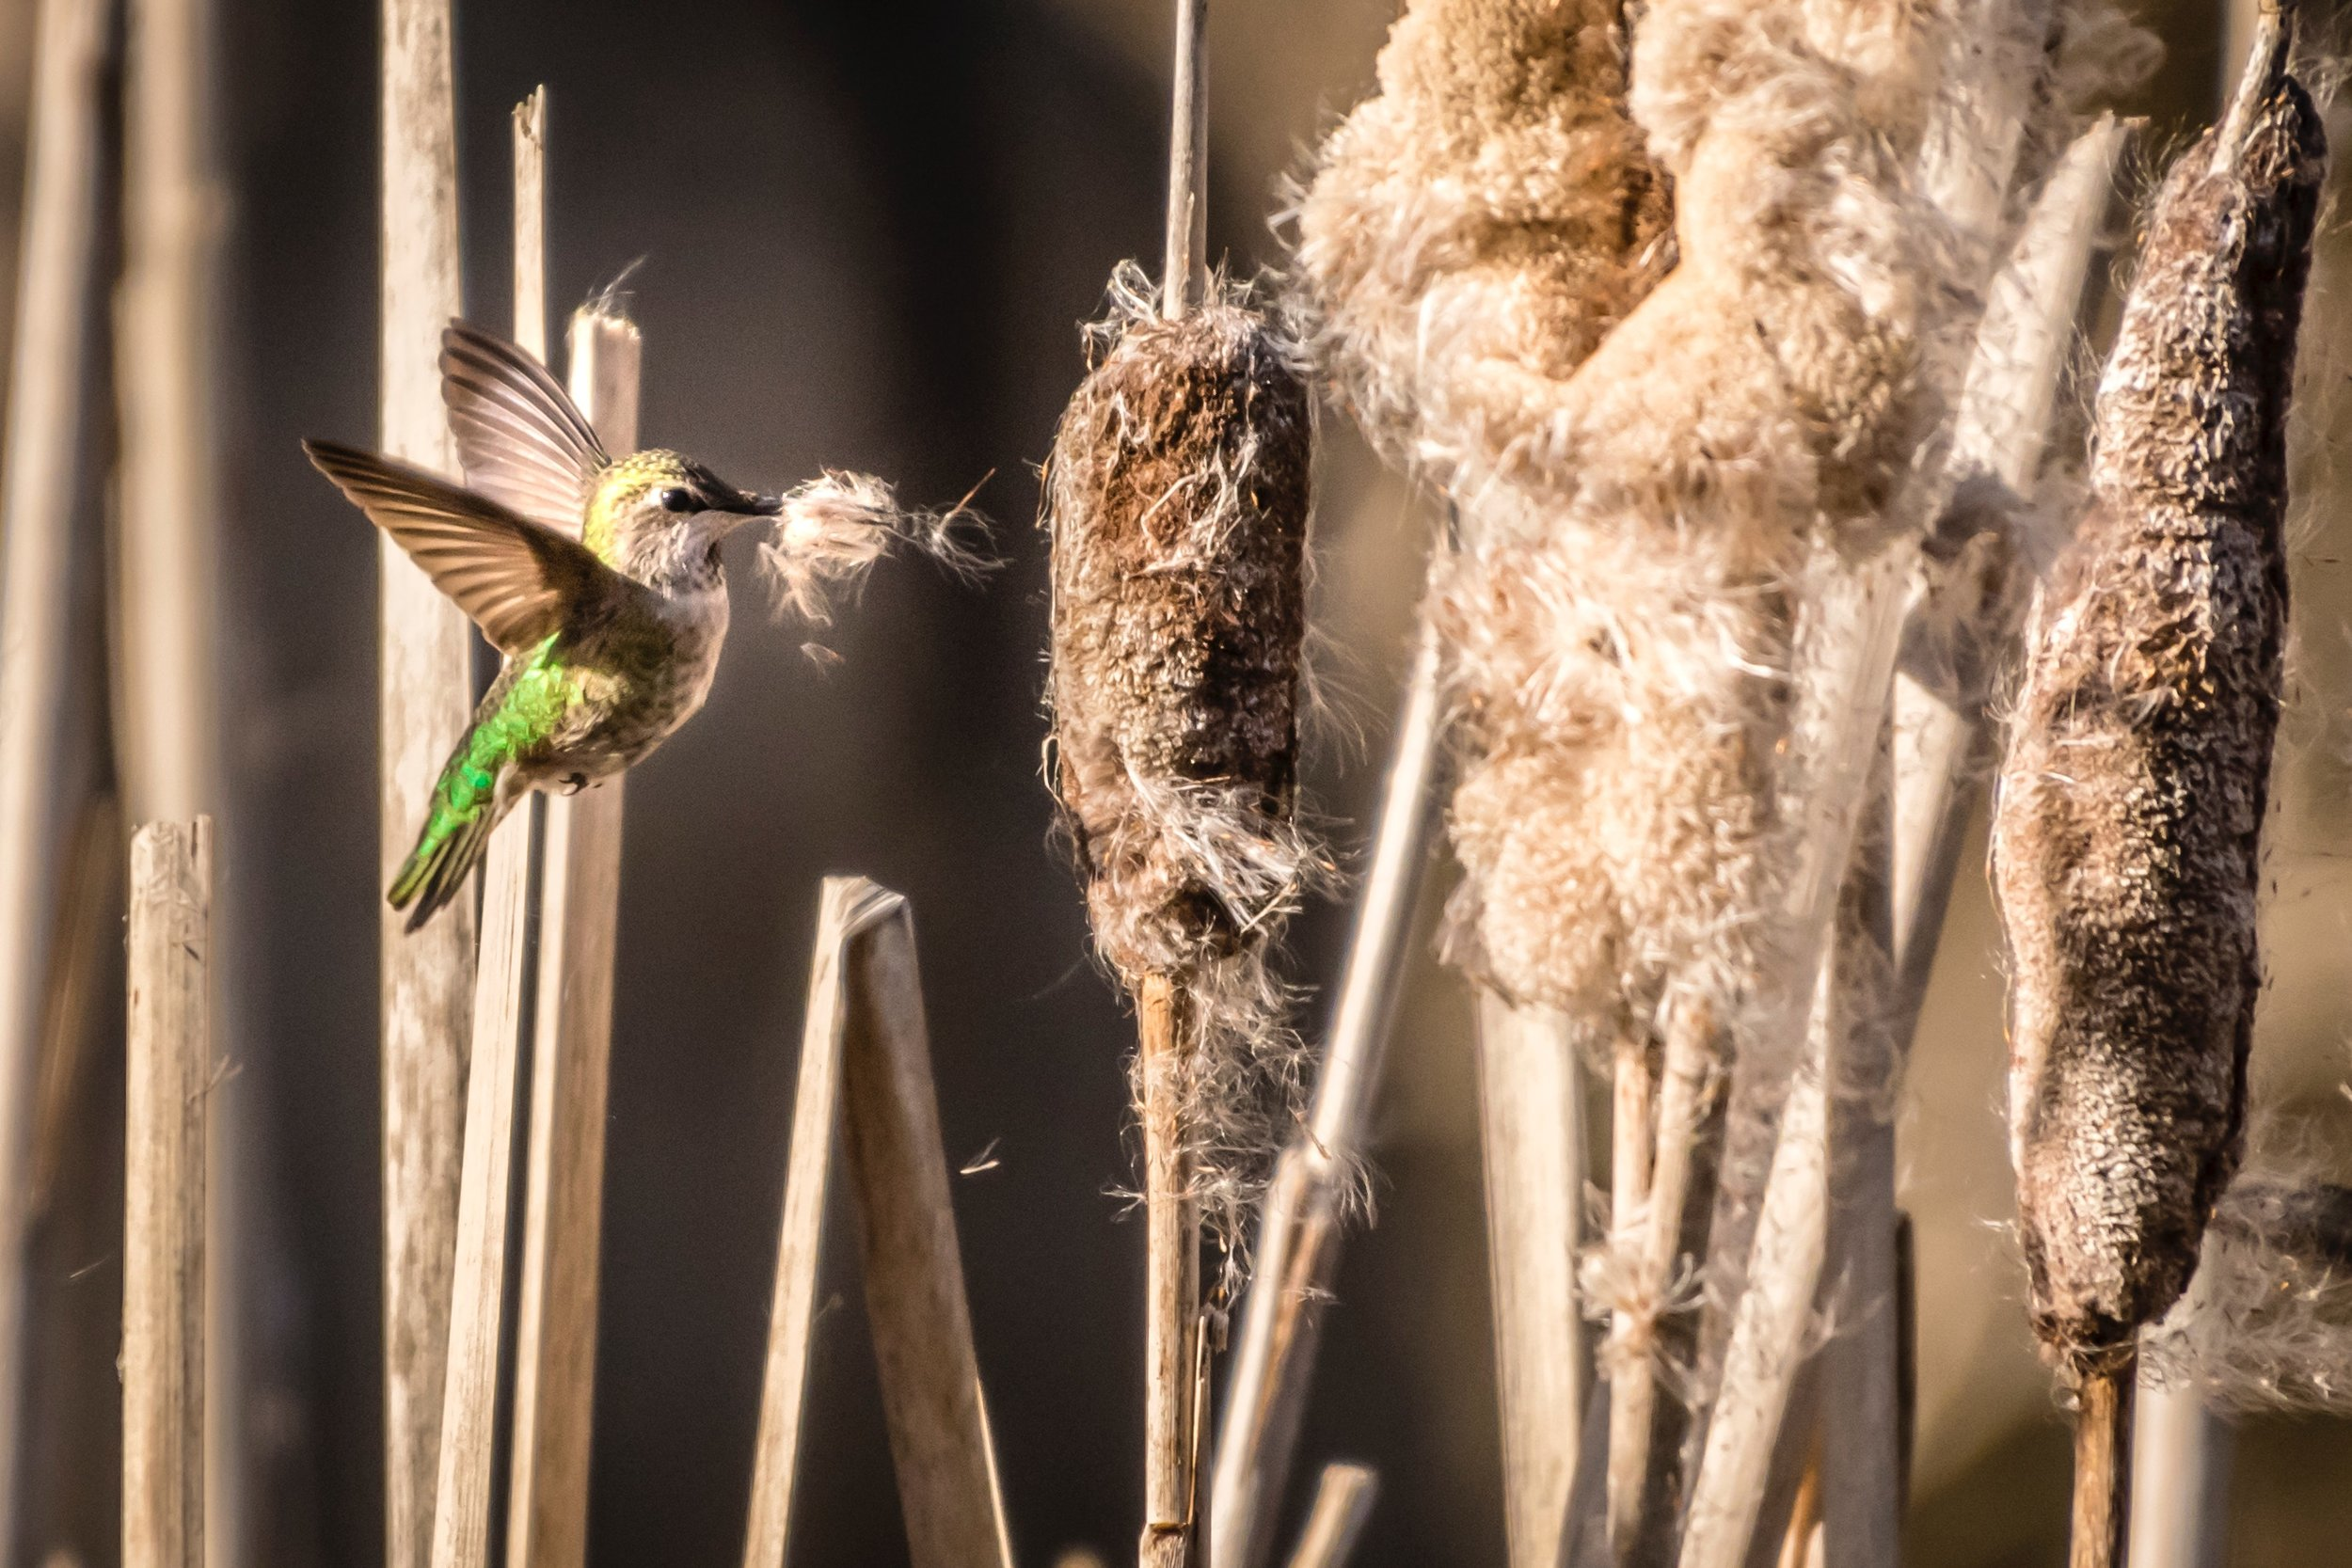 faye-cornish-Hummingbird-unsplash.jpg